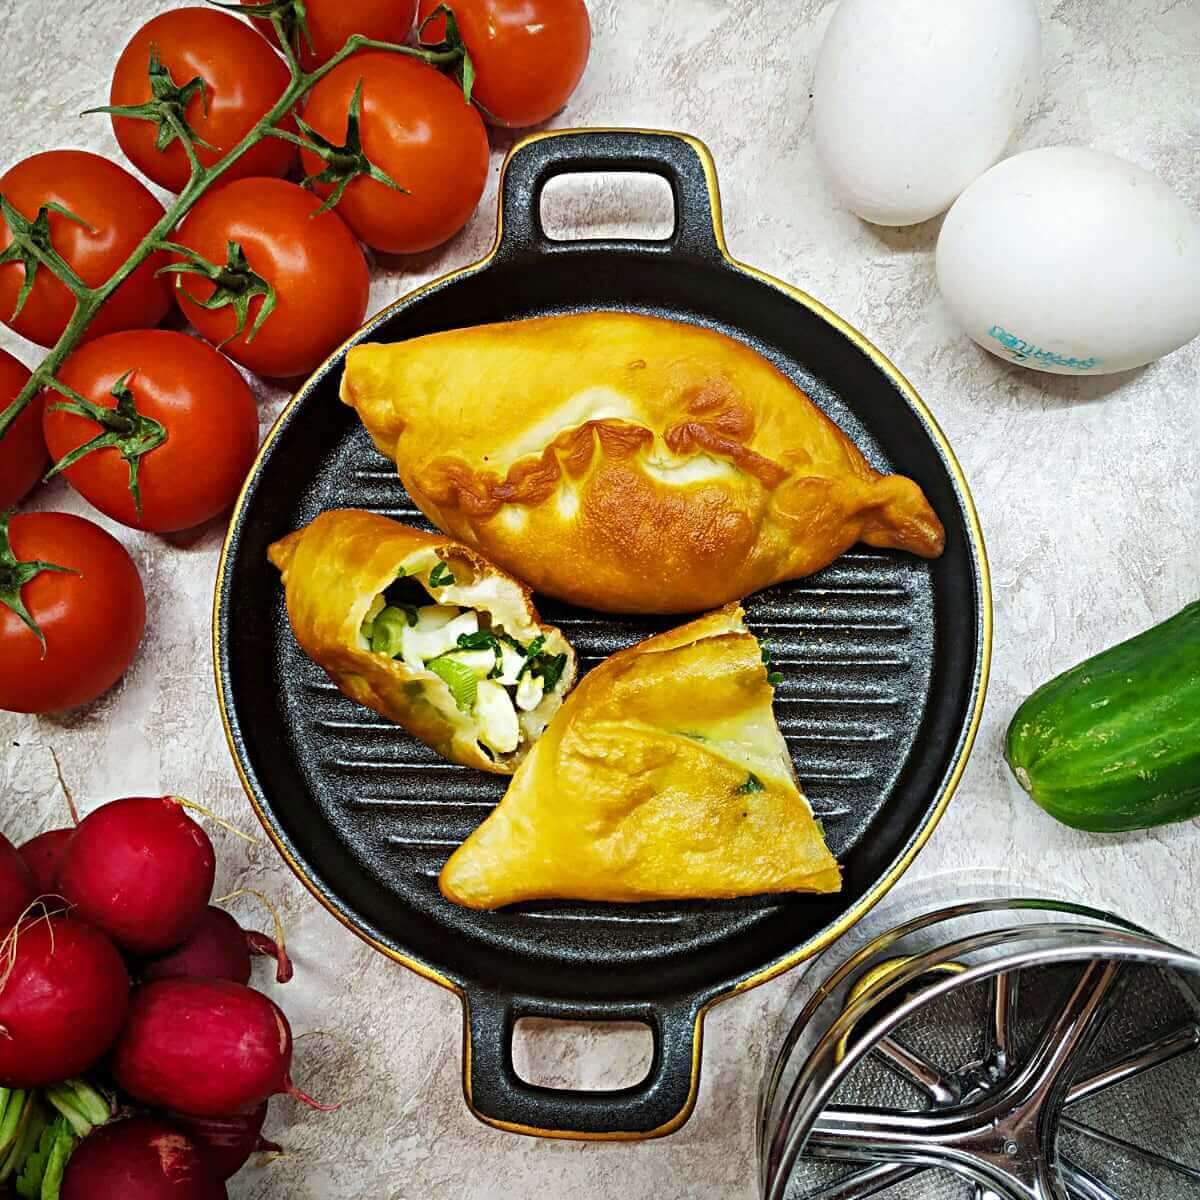 Russian Egg and Onion Hand Pies (Piroshki)